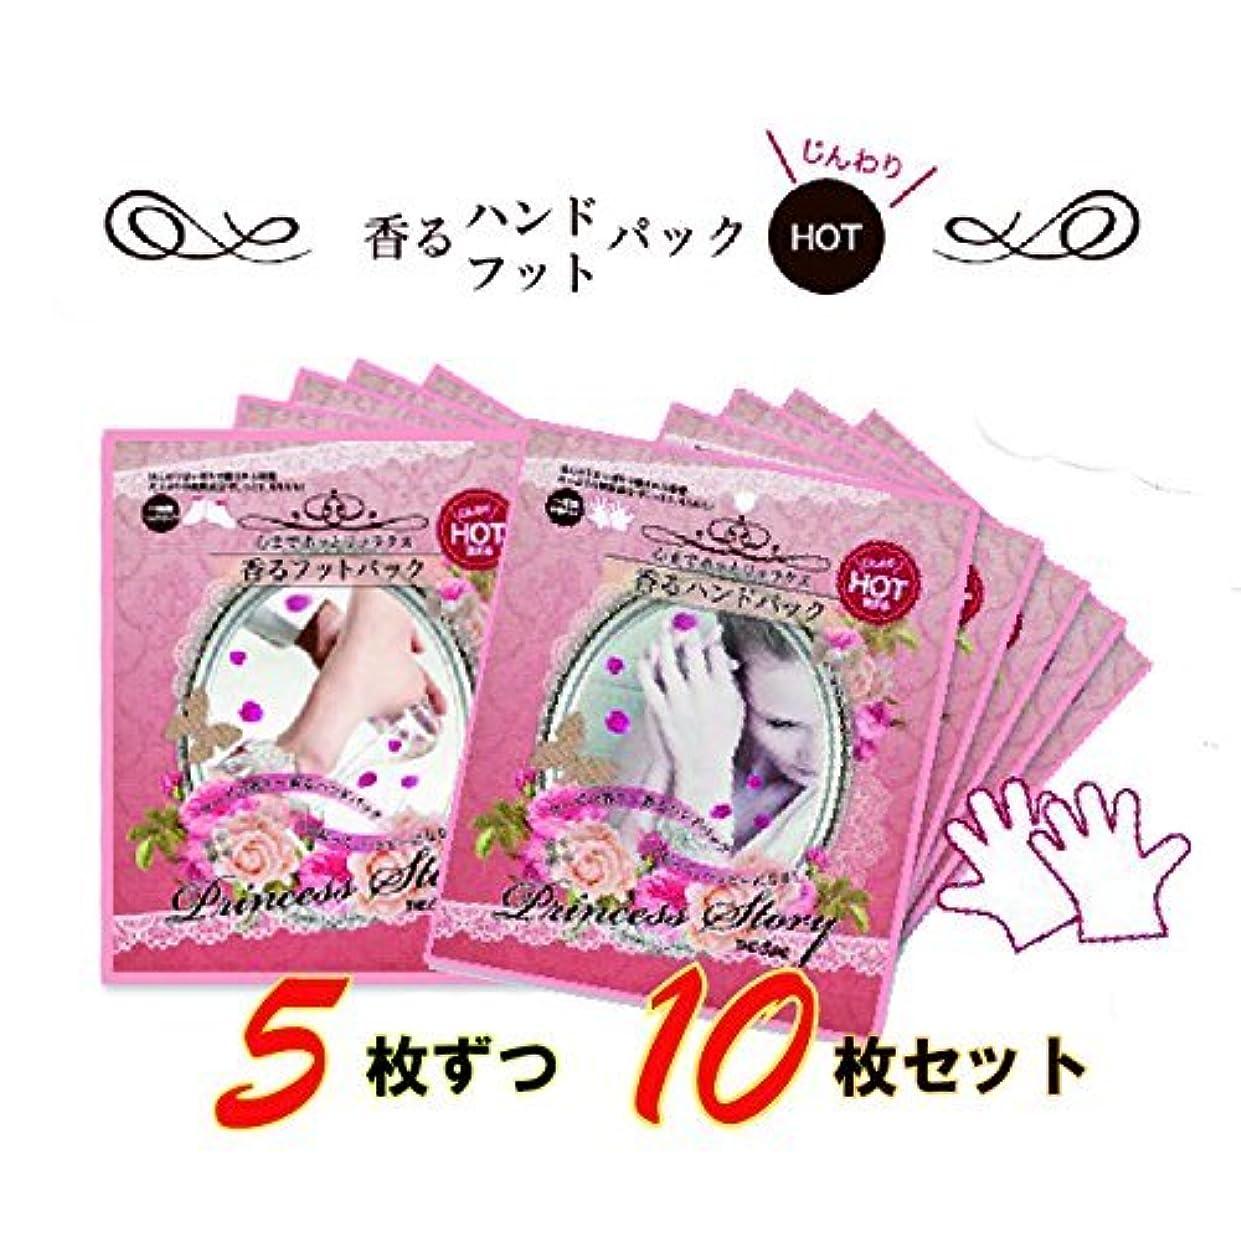 バブル延期するくしゃくしゃ香るハンド &フットパック HOT キュア プリンセス ストーリーTHE CURE 5枚ずつ10枚セット